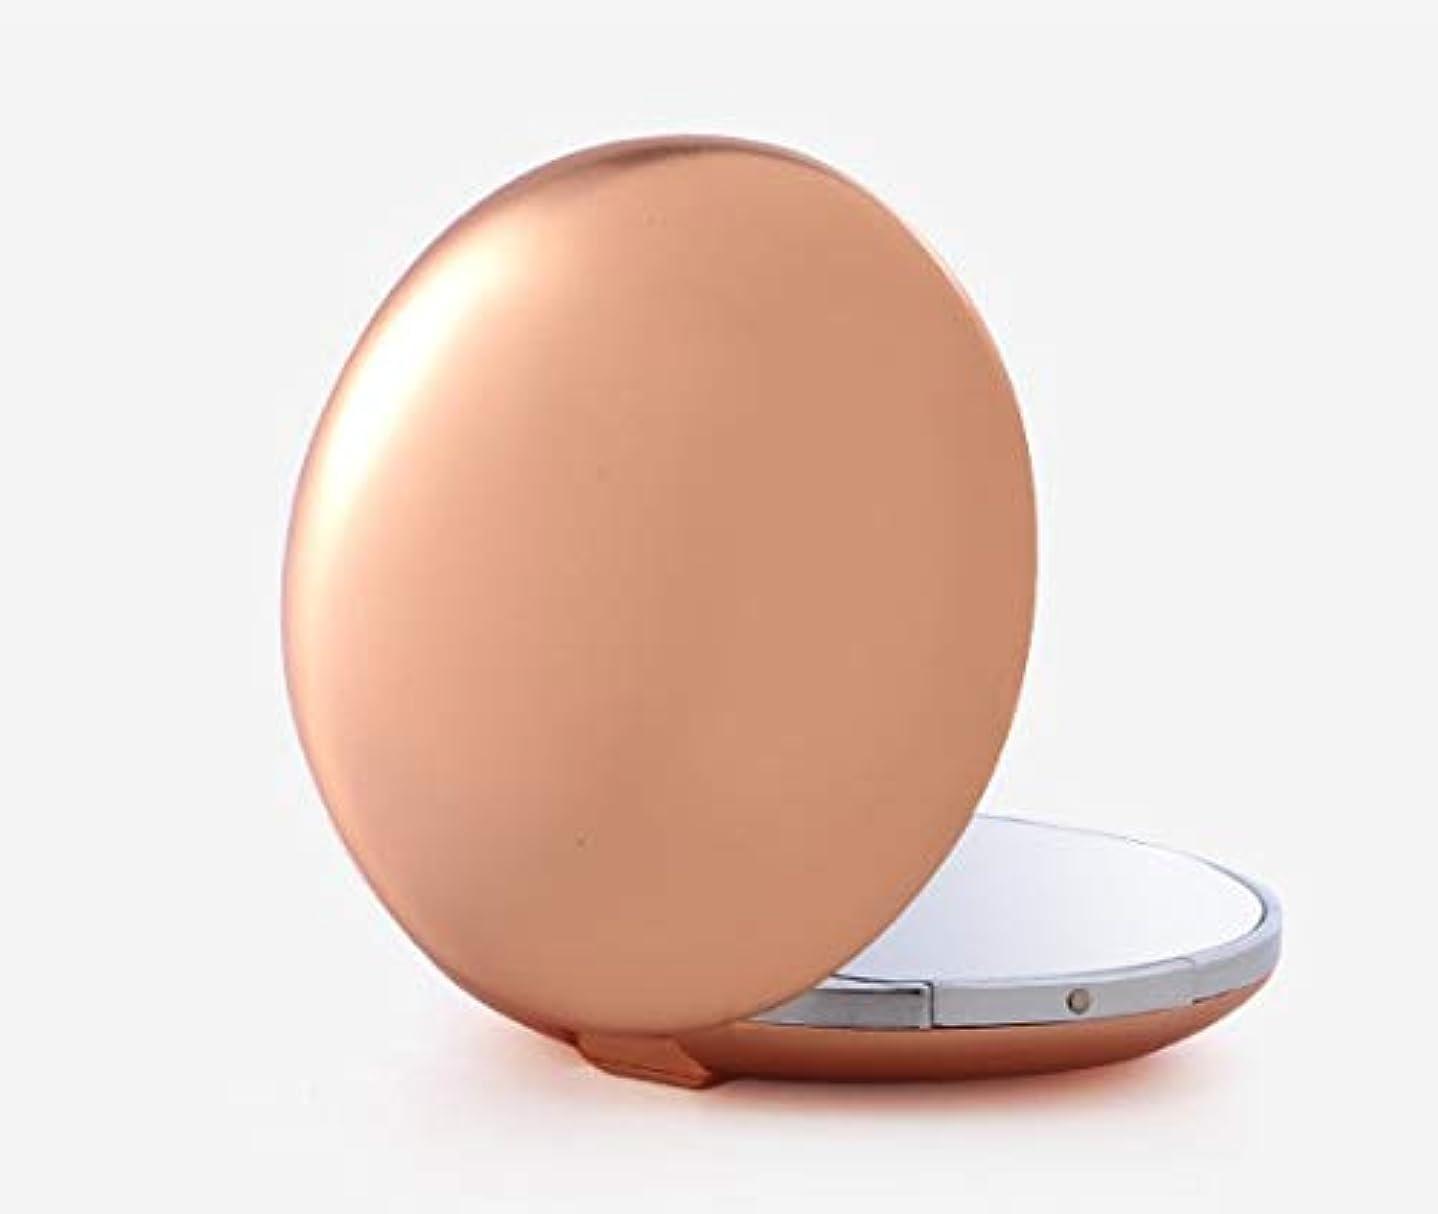 スピンエンディング霧深い化粧鏡、ゴールド亜鉛合金テクスチャアップグレード化粧鏡化粧鏡化粧ギフト